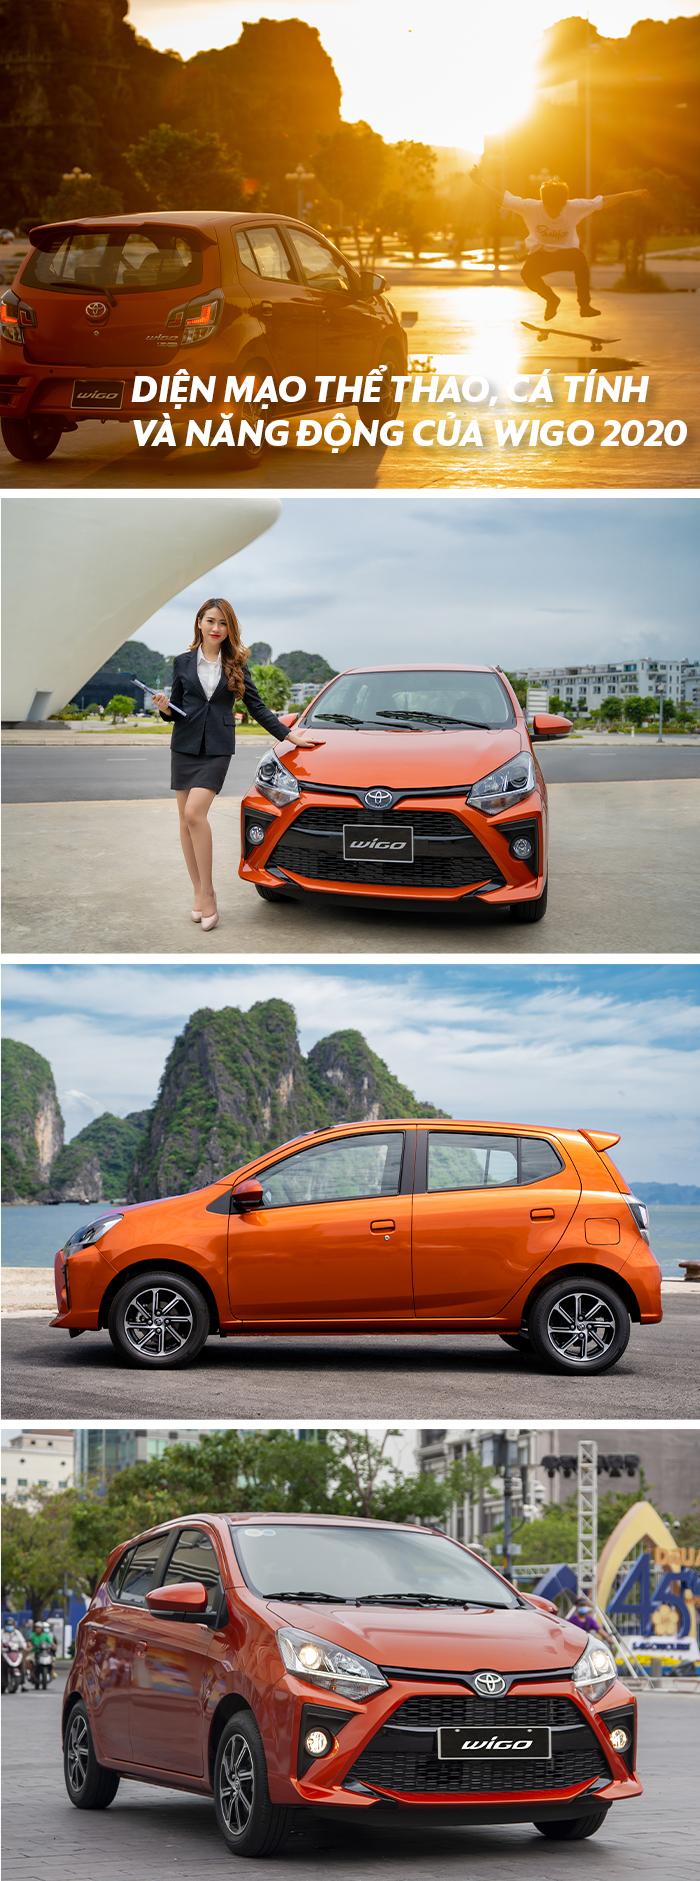 Toyota Wigo - Xe riêng cho những chuyến đi bình yên - 20